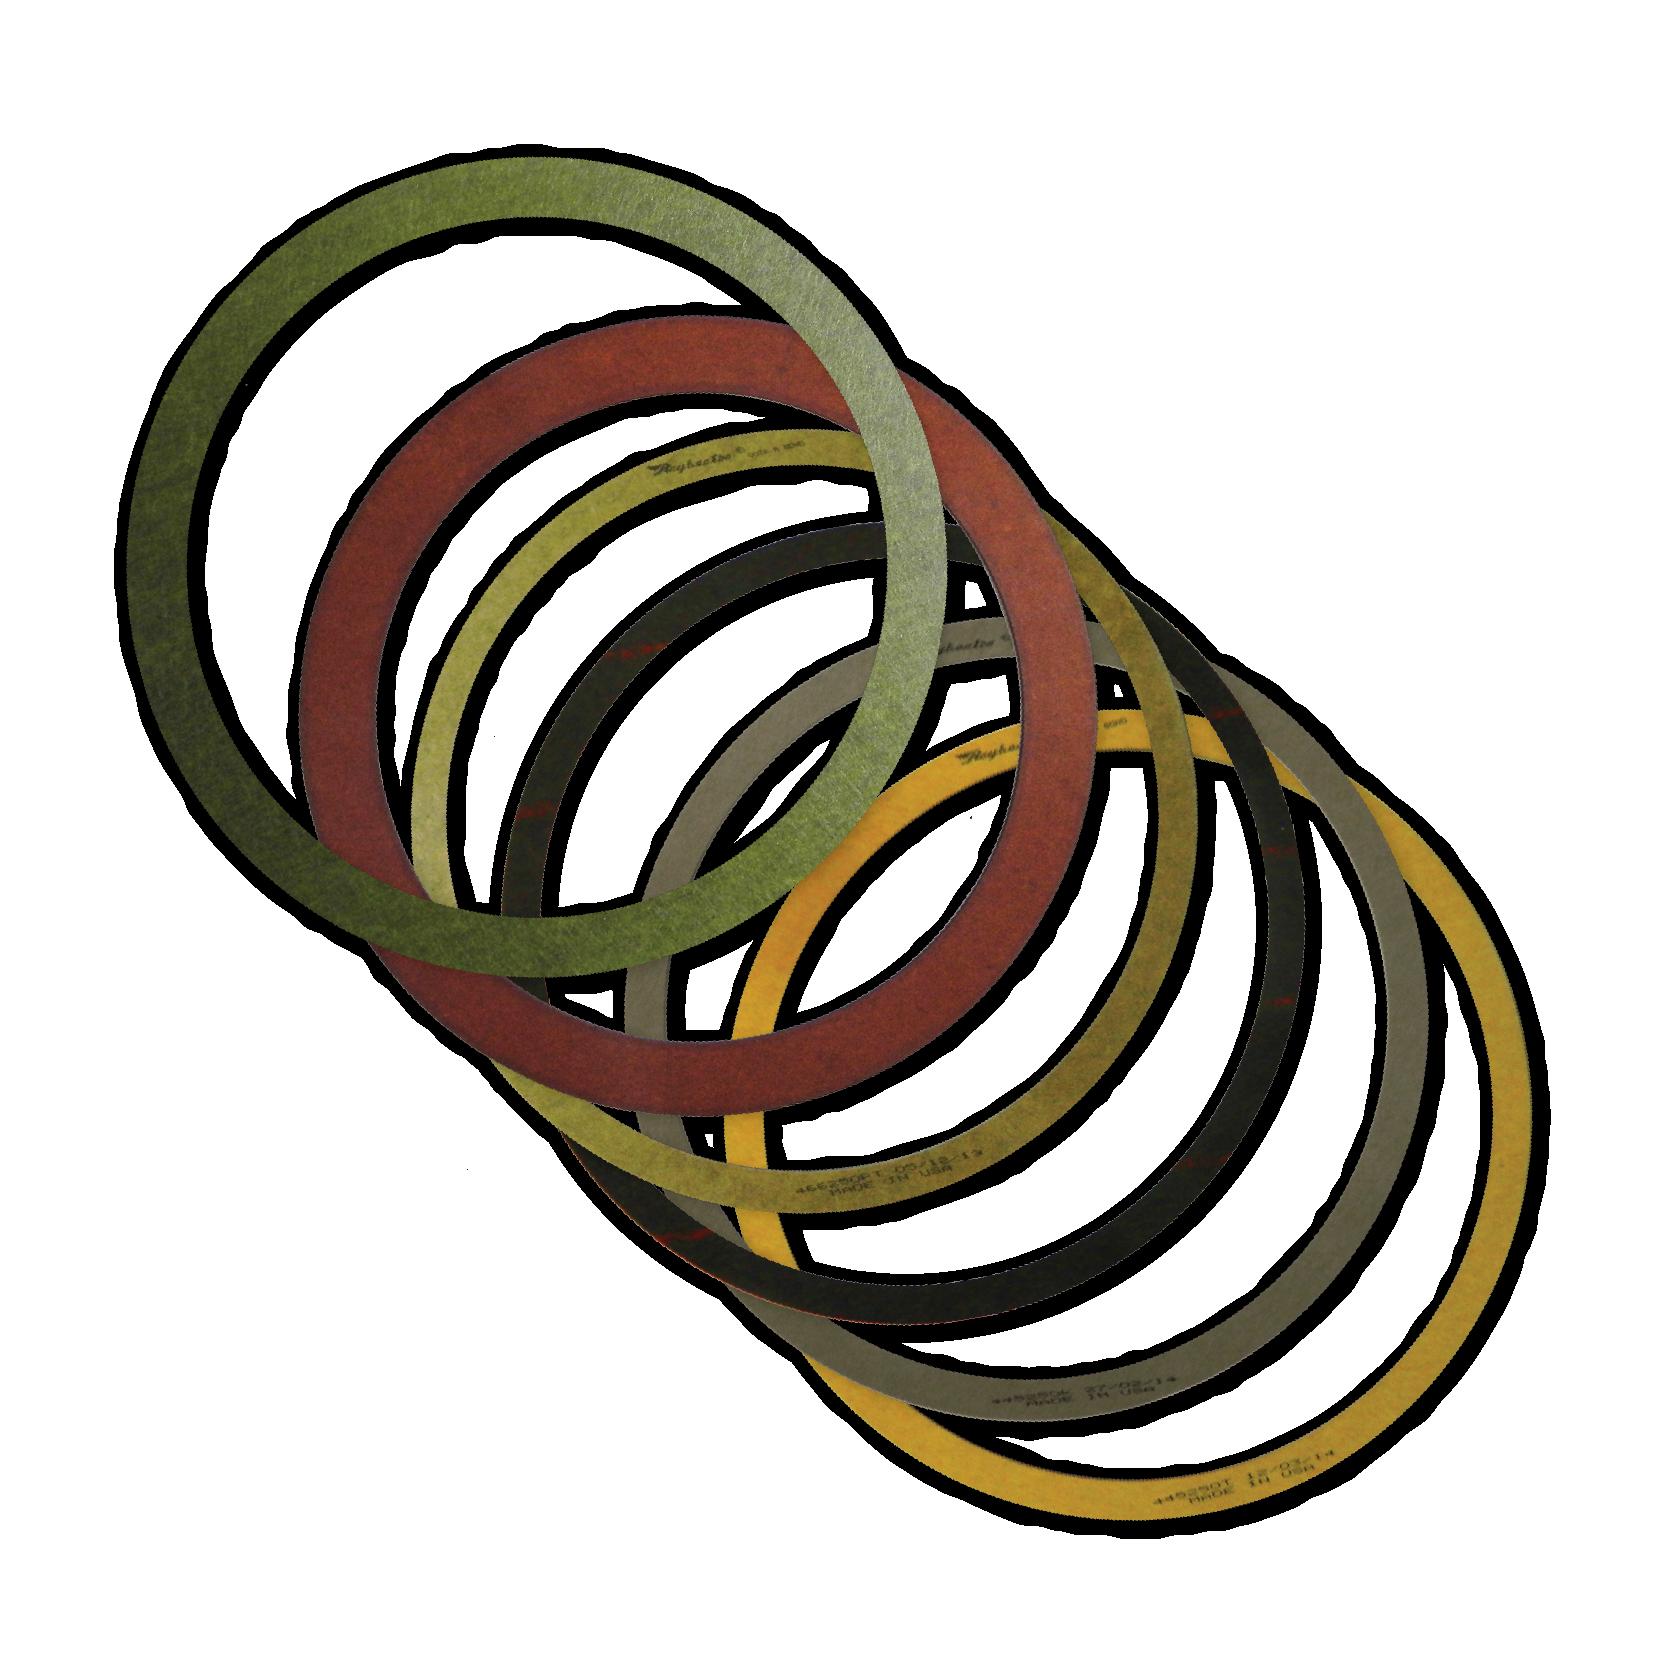 Clutch Torque Converter Friction Materials